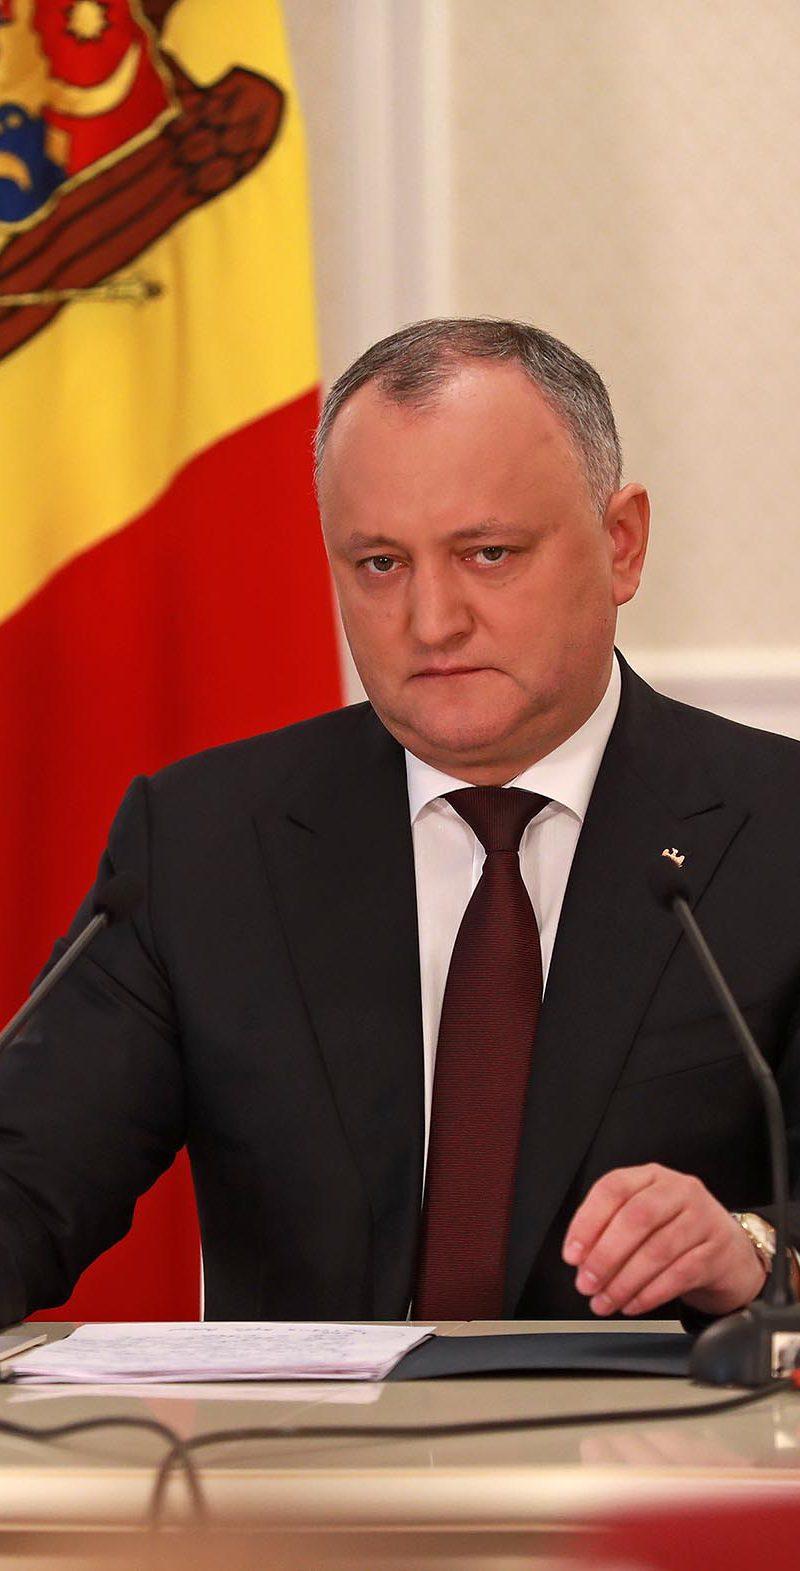 Додон рассказал, почему парламентское большинство после выборов должна получить пропрезидентская ПСРМ (ВИДЕО)